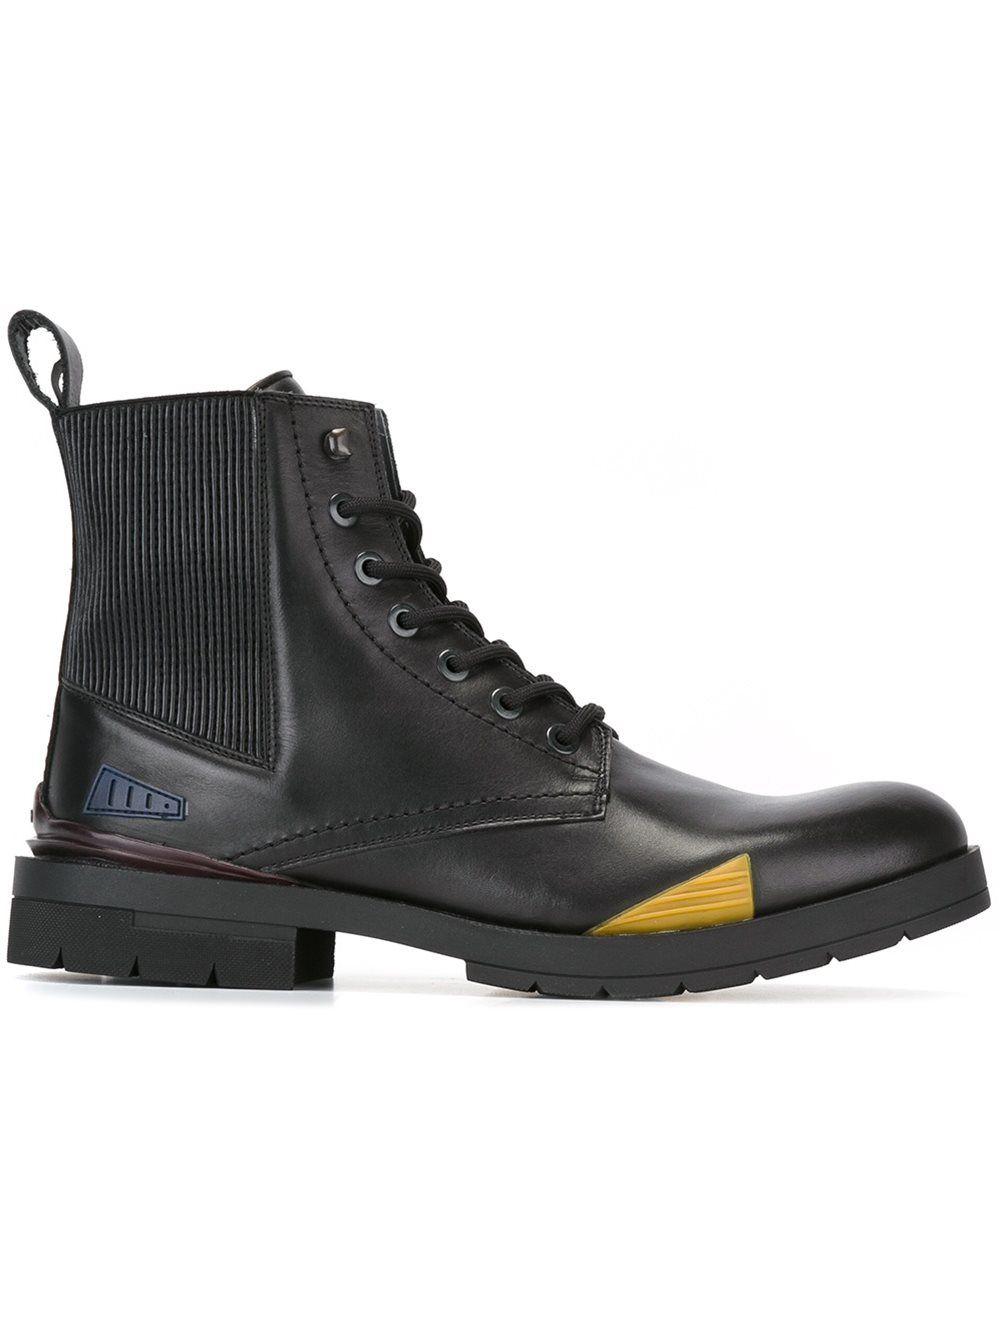 a3157d21 Kenzo 'Ranger' boots | Boots | Shoe boots, Shoes, Fashion shoes